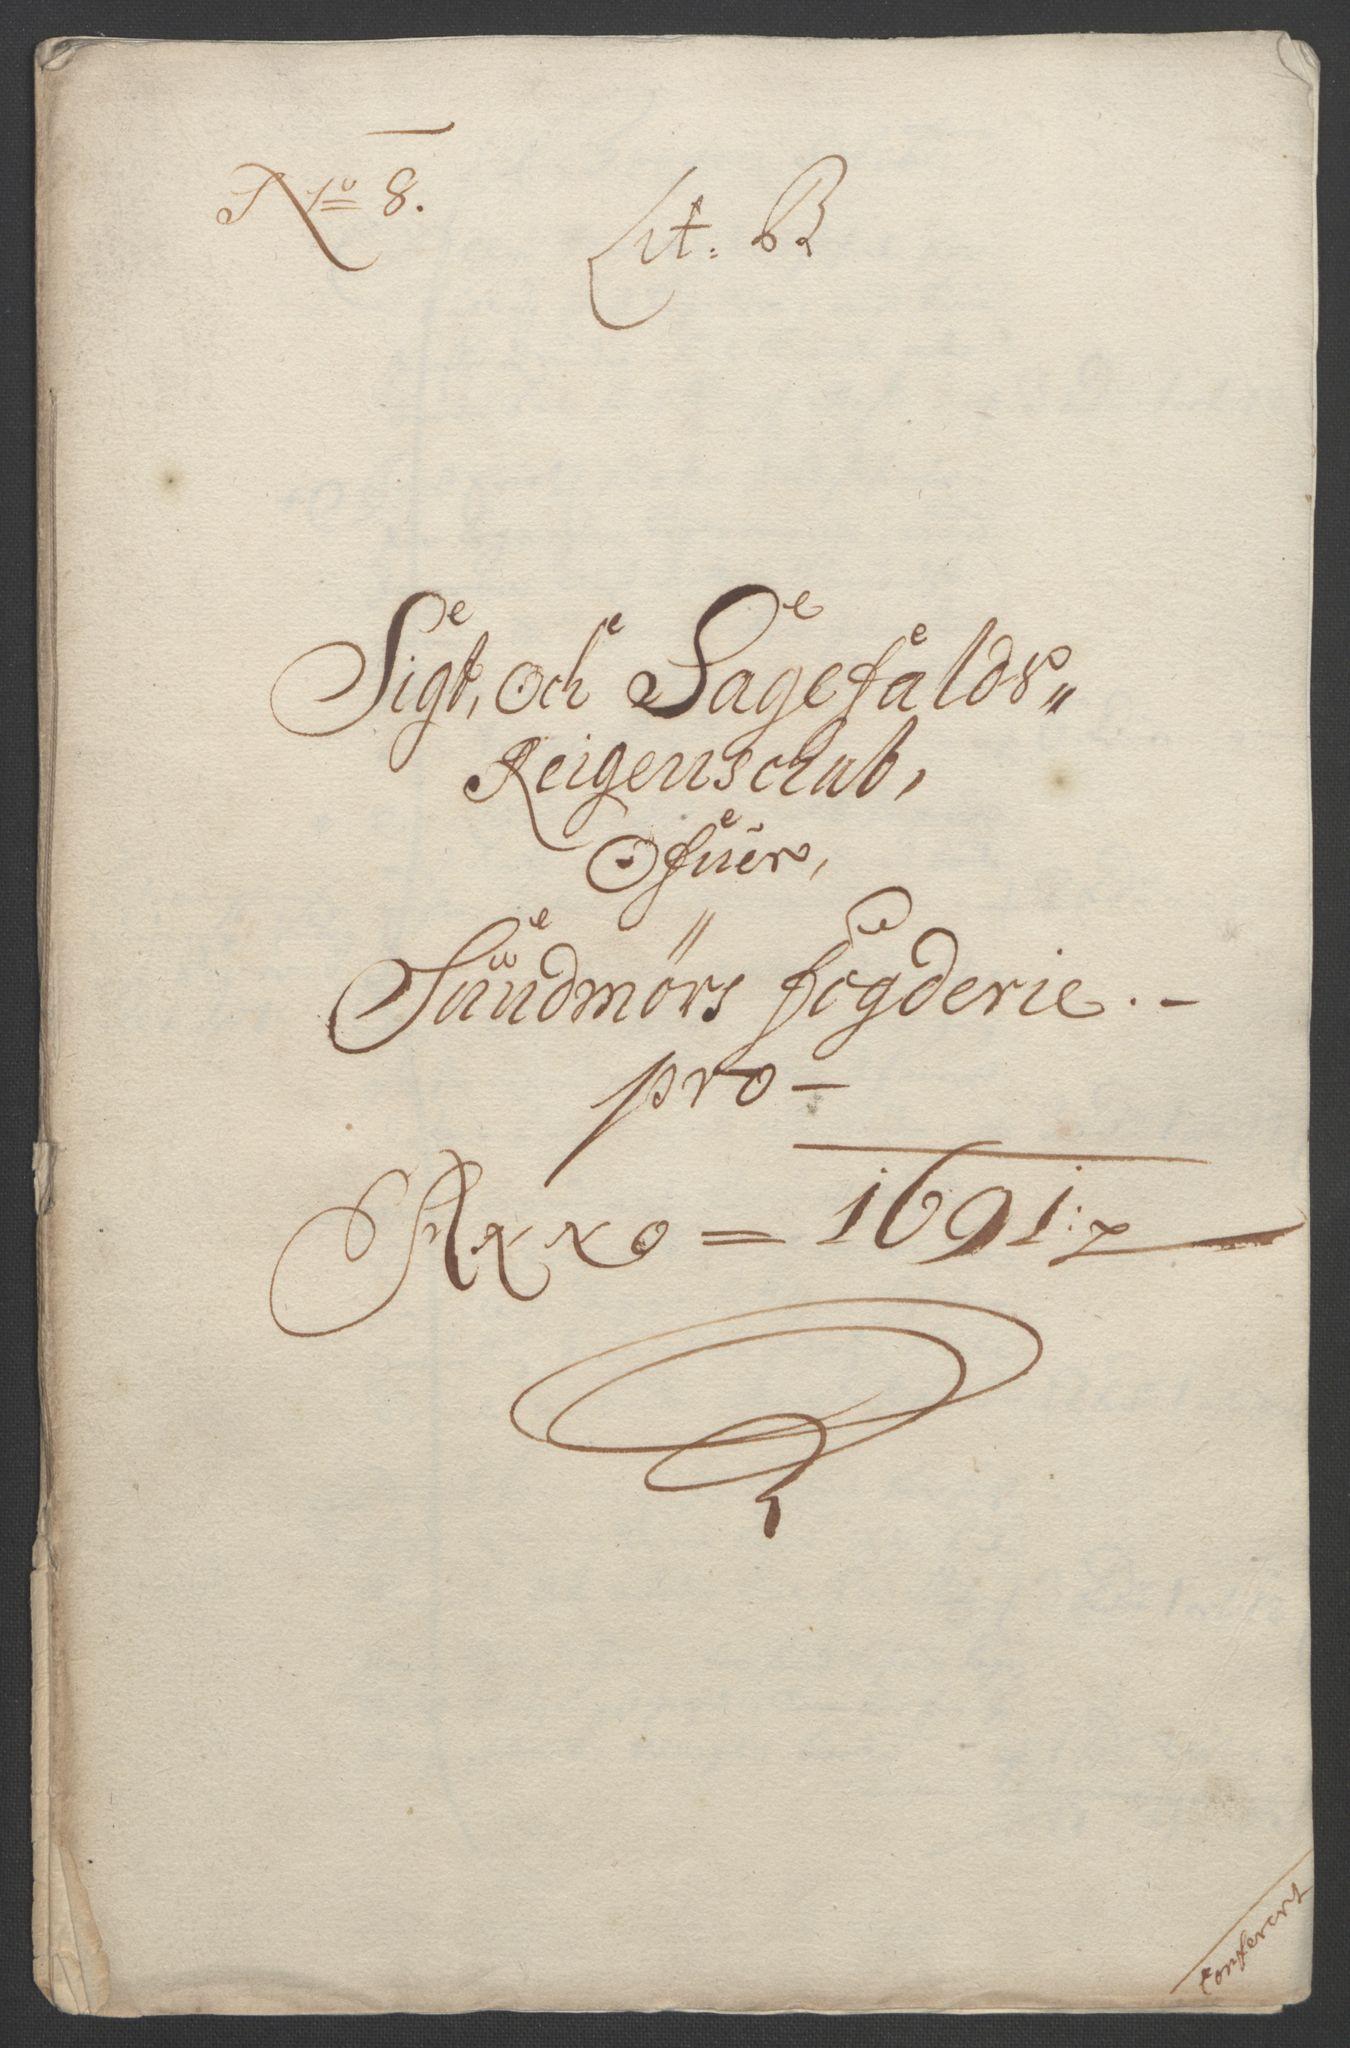 RA, Rentekammeret inntil 1814, Reviderte regnskaper, Fogderegnskap, R54/L3554: Fogderegnskap Sunnmøre, 1691-1693, s. 56